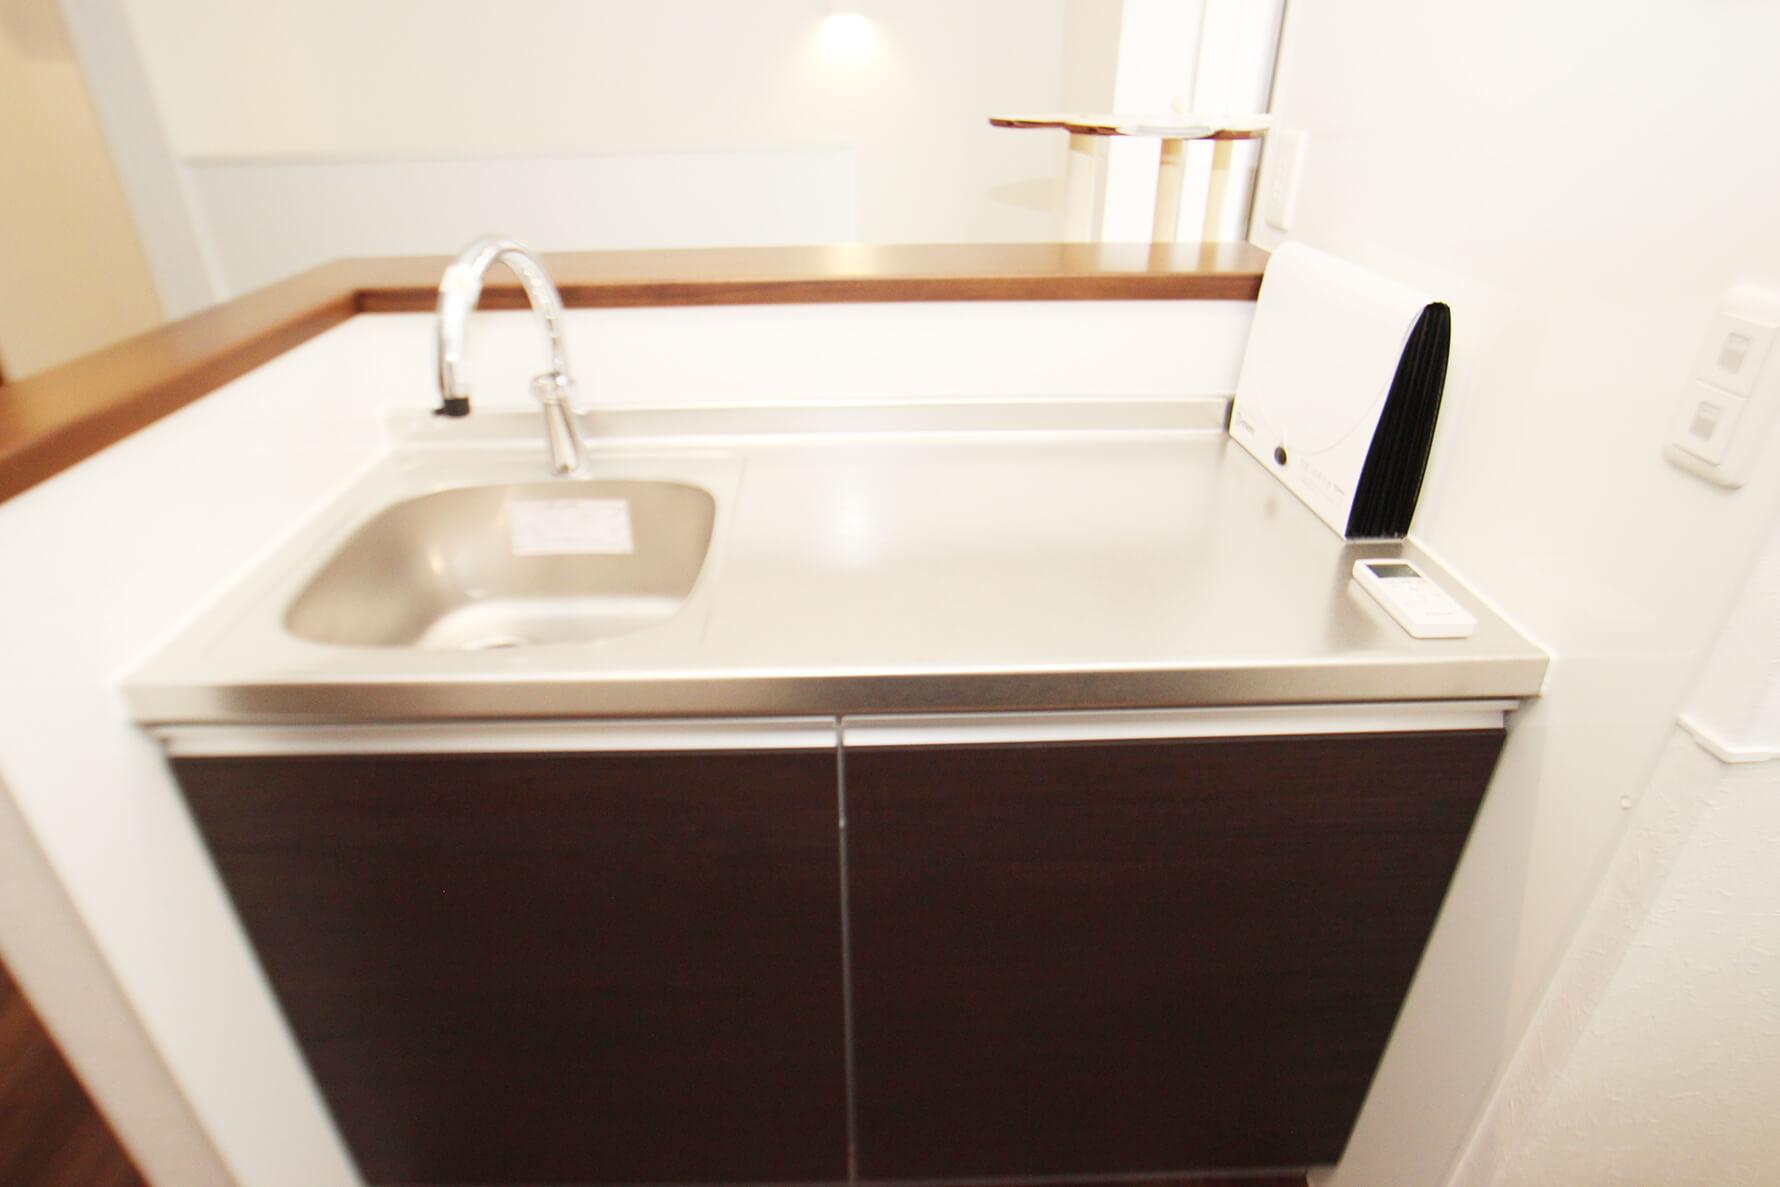 401号室のキッチン流し。コンロは背面、振り向くとあります 作業スペースも十分にあって使いやすそうです